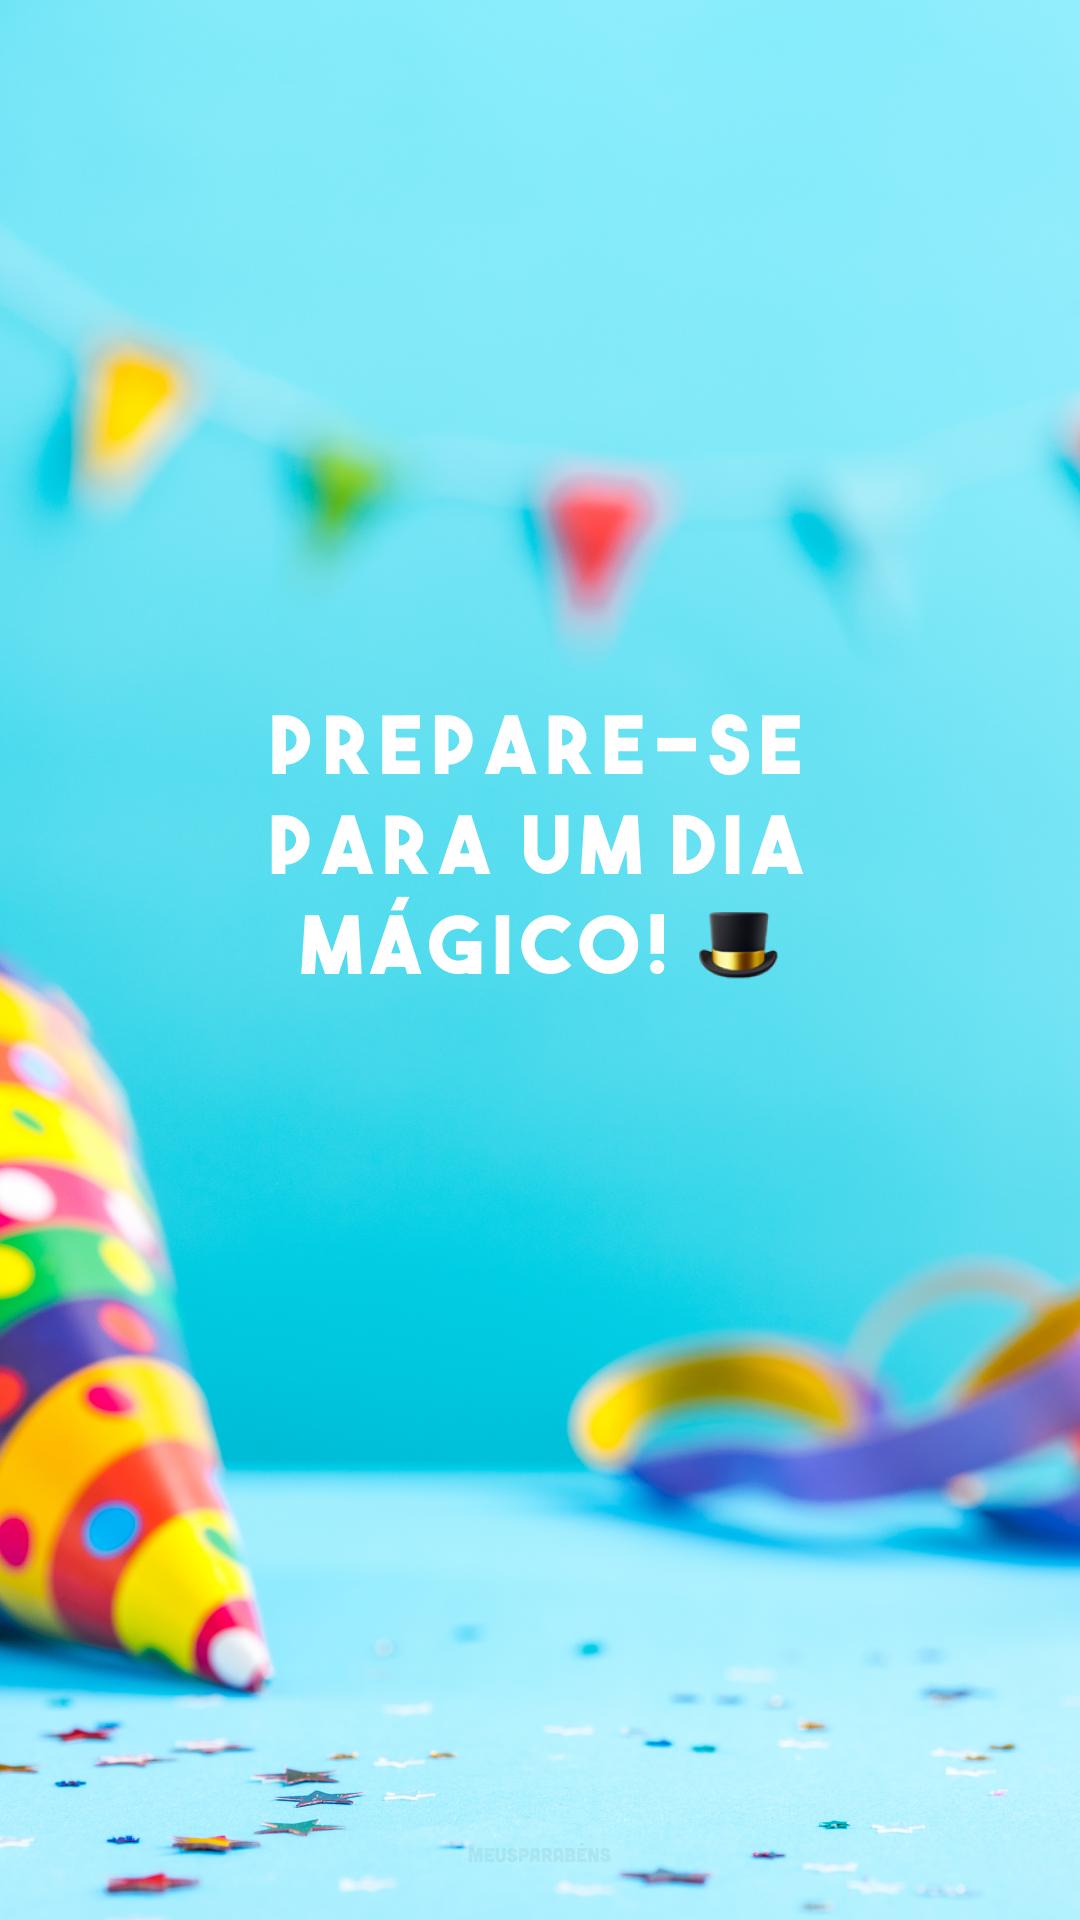 Prepare-se para um dia mágico! 🎩